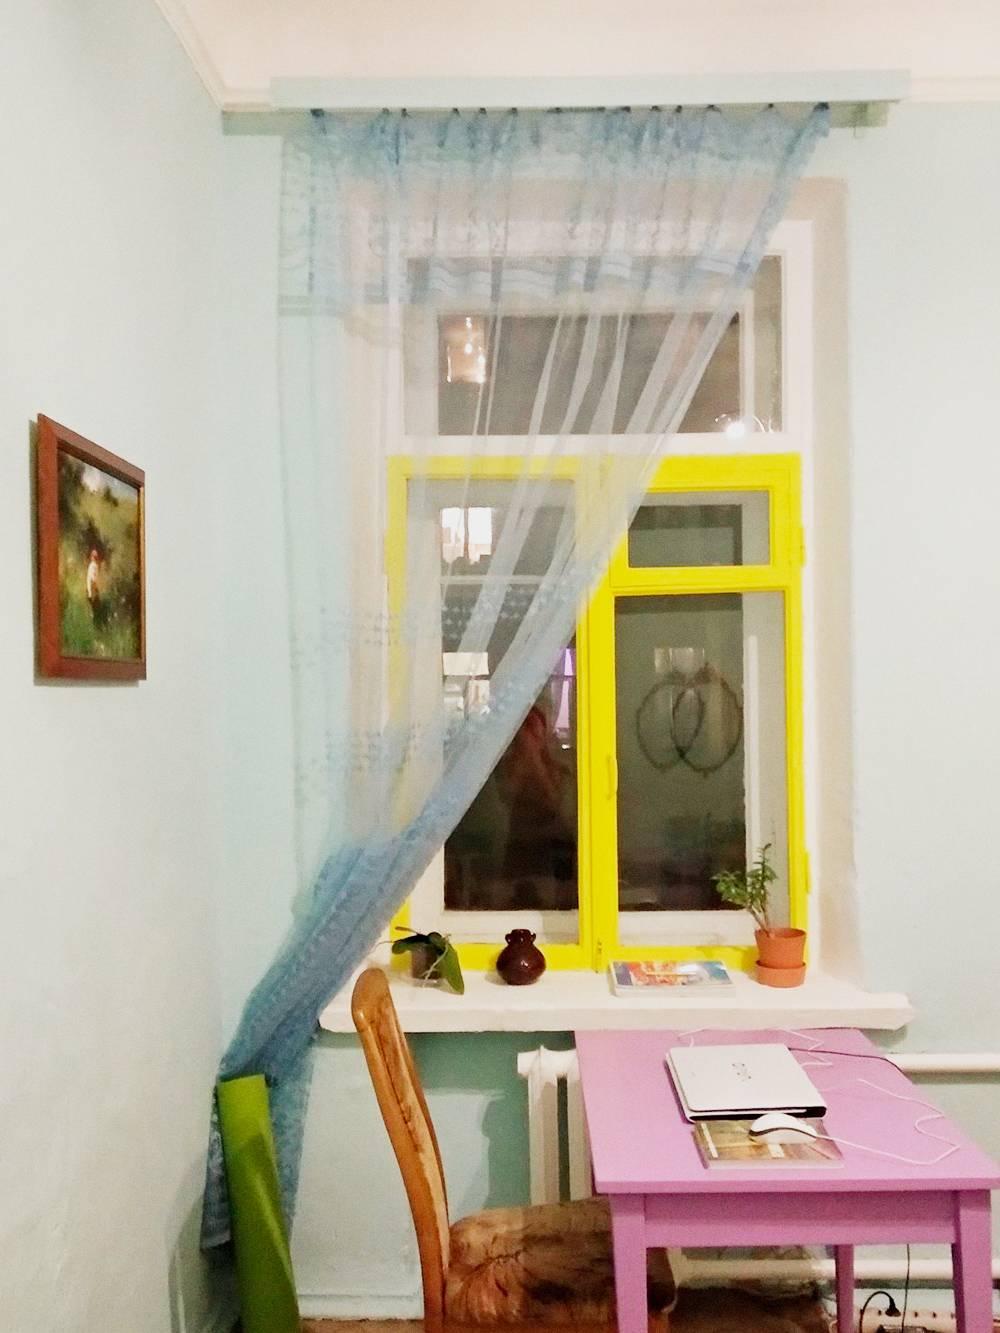 Краской для стен я покрасила раму в желтый цвет, а старый металлический карниз — в голубой